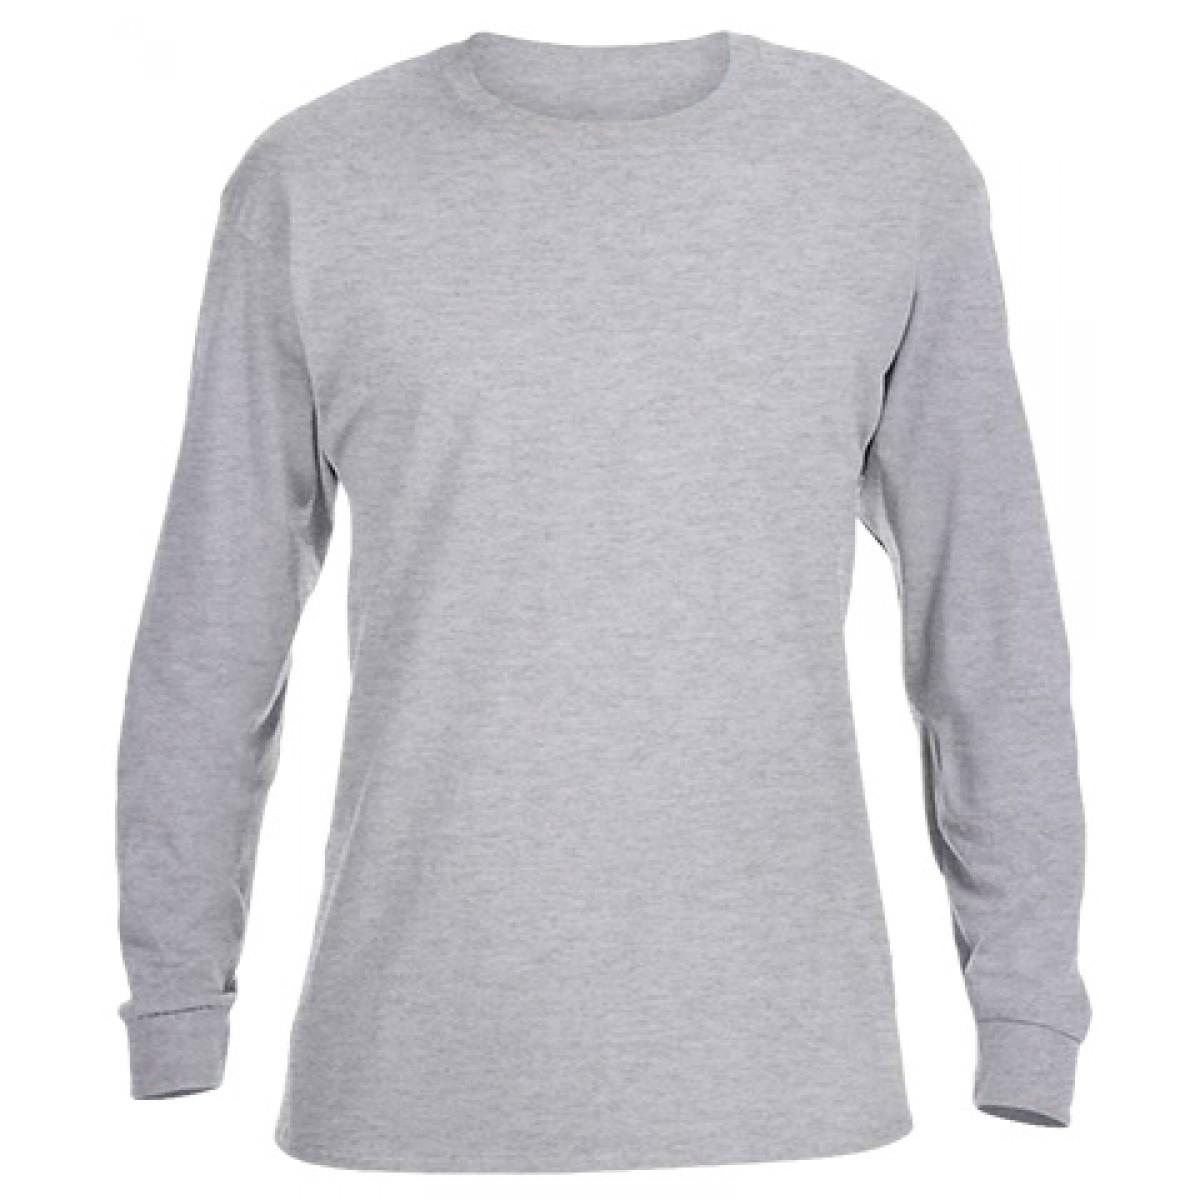 Ultra Cotton Long-Sleeve T-Shirt-Ash Gray-YM